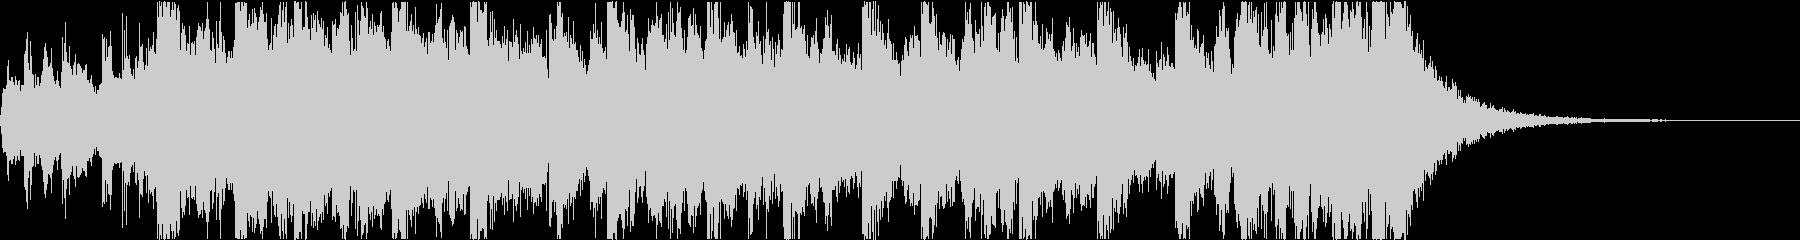 勇壮なエピックオーケストラジングル(短)の未再生の波形